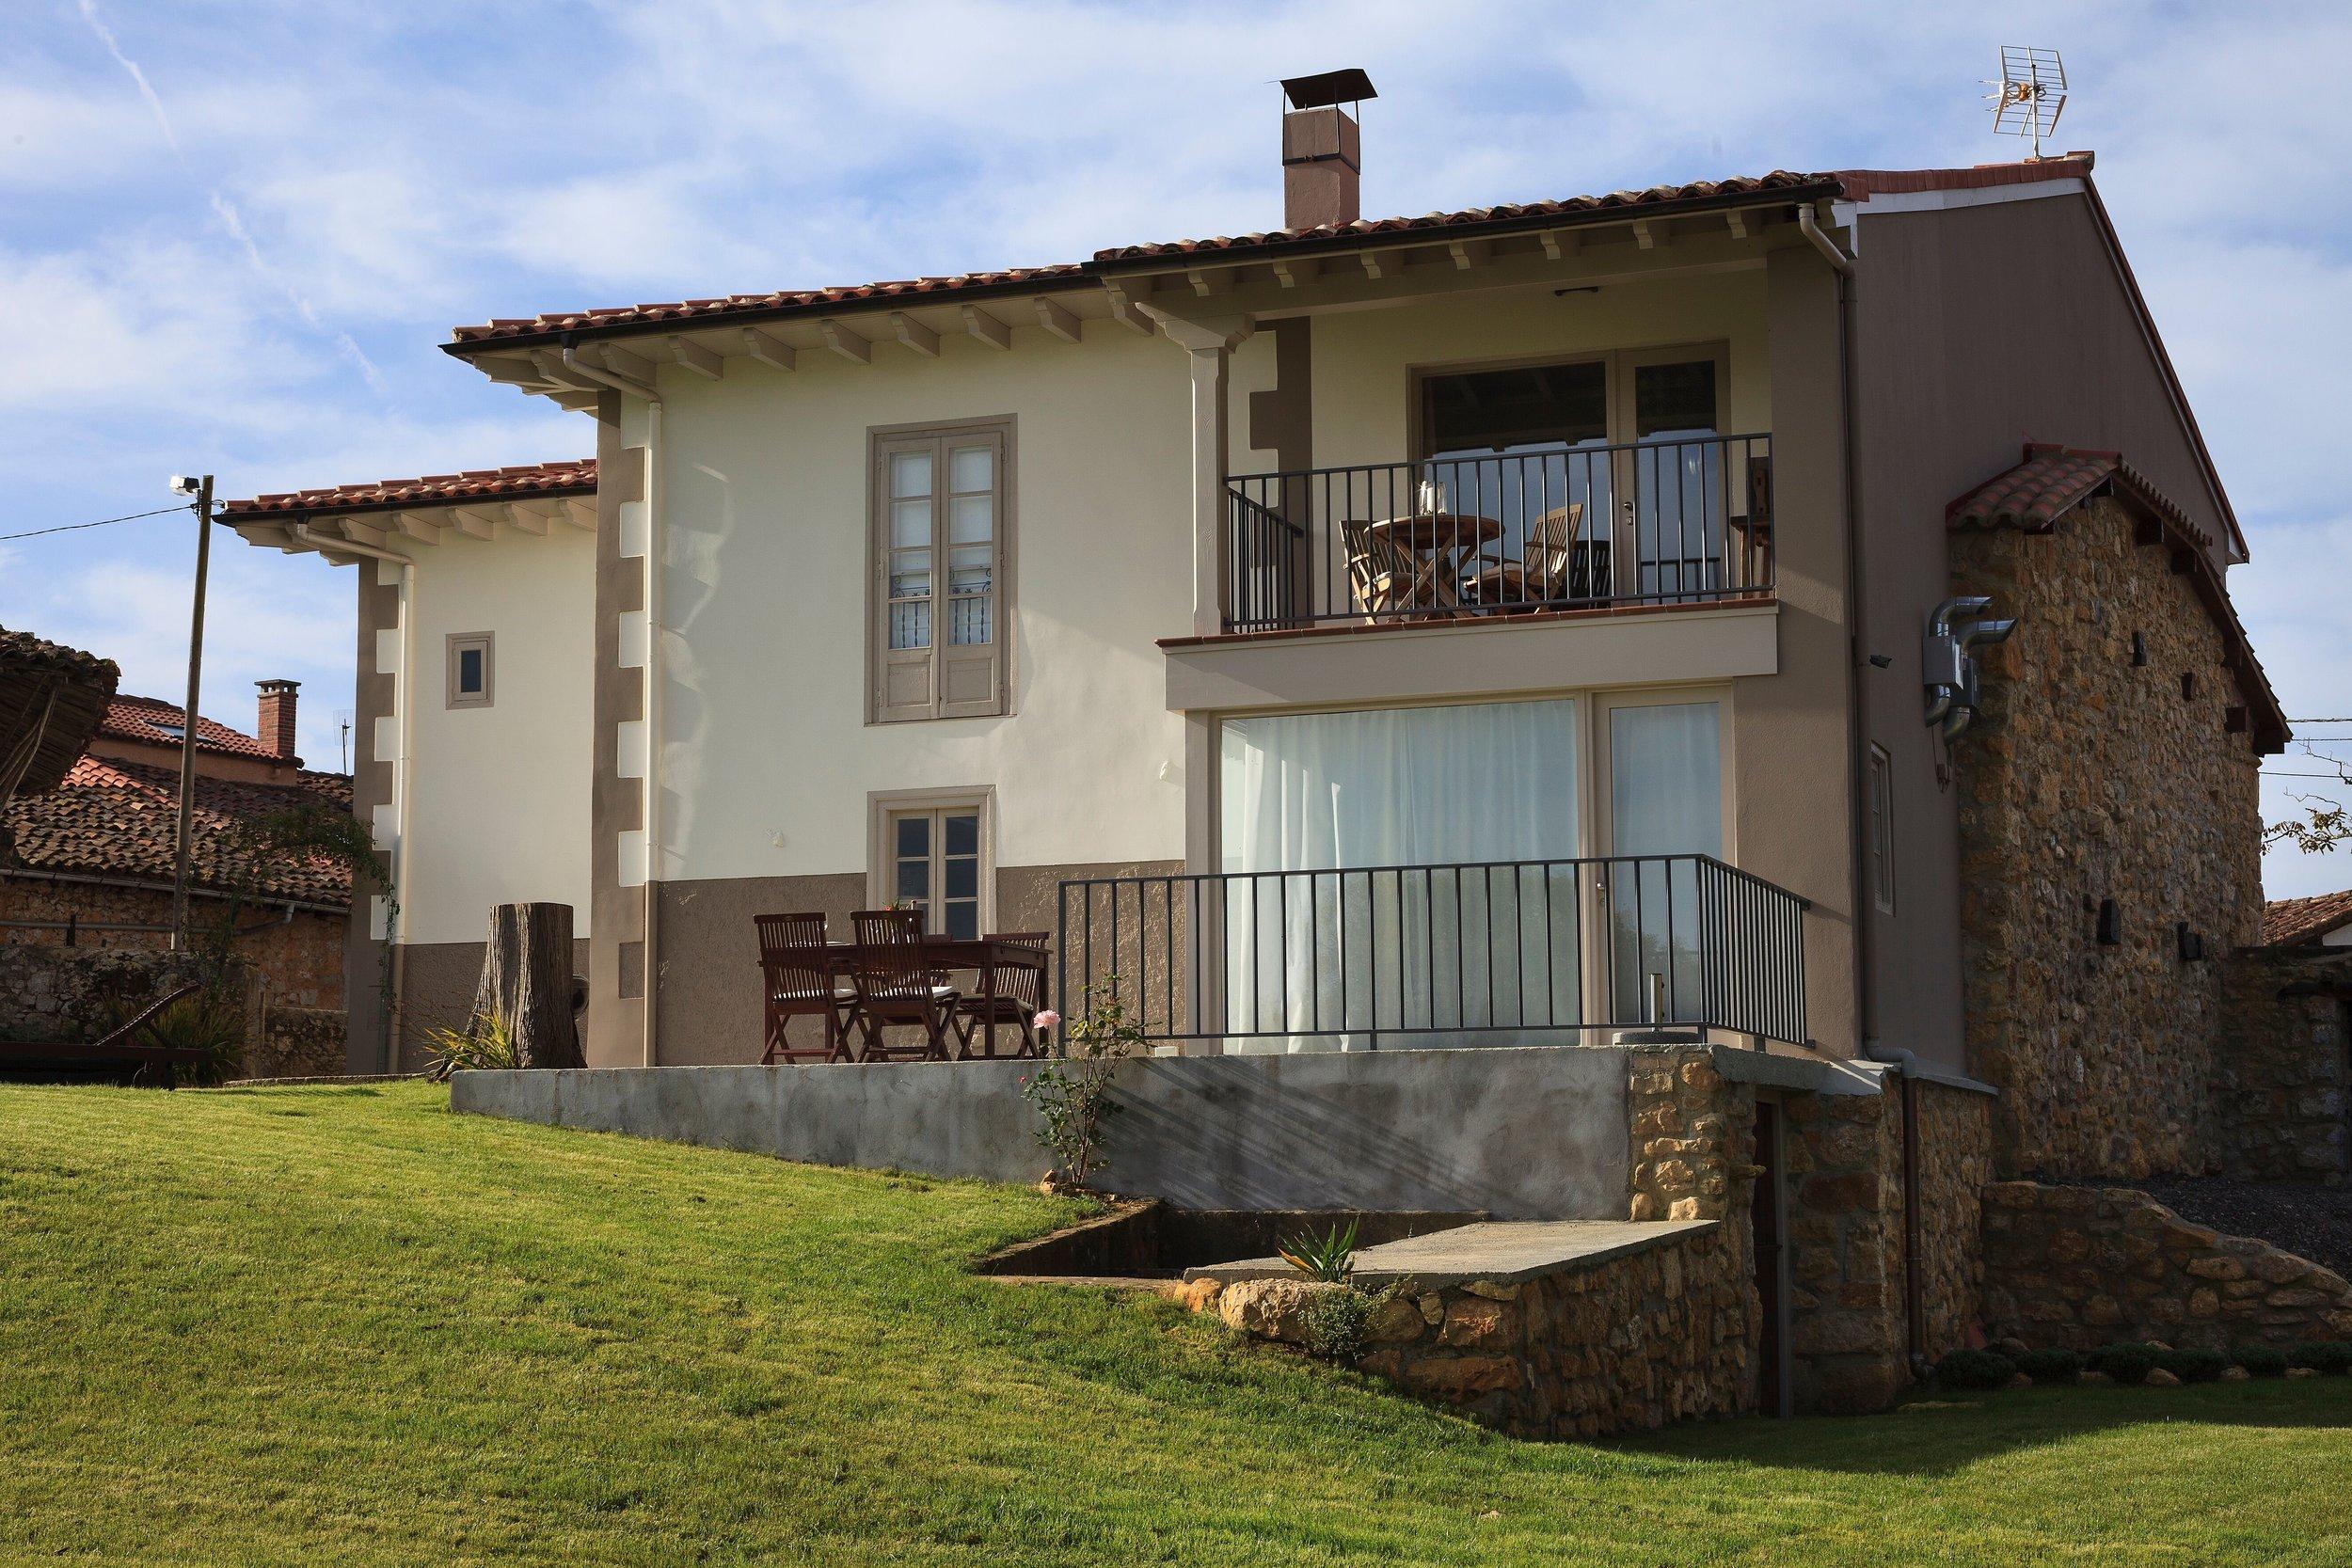 Elgransueno building 2.jpeg